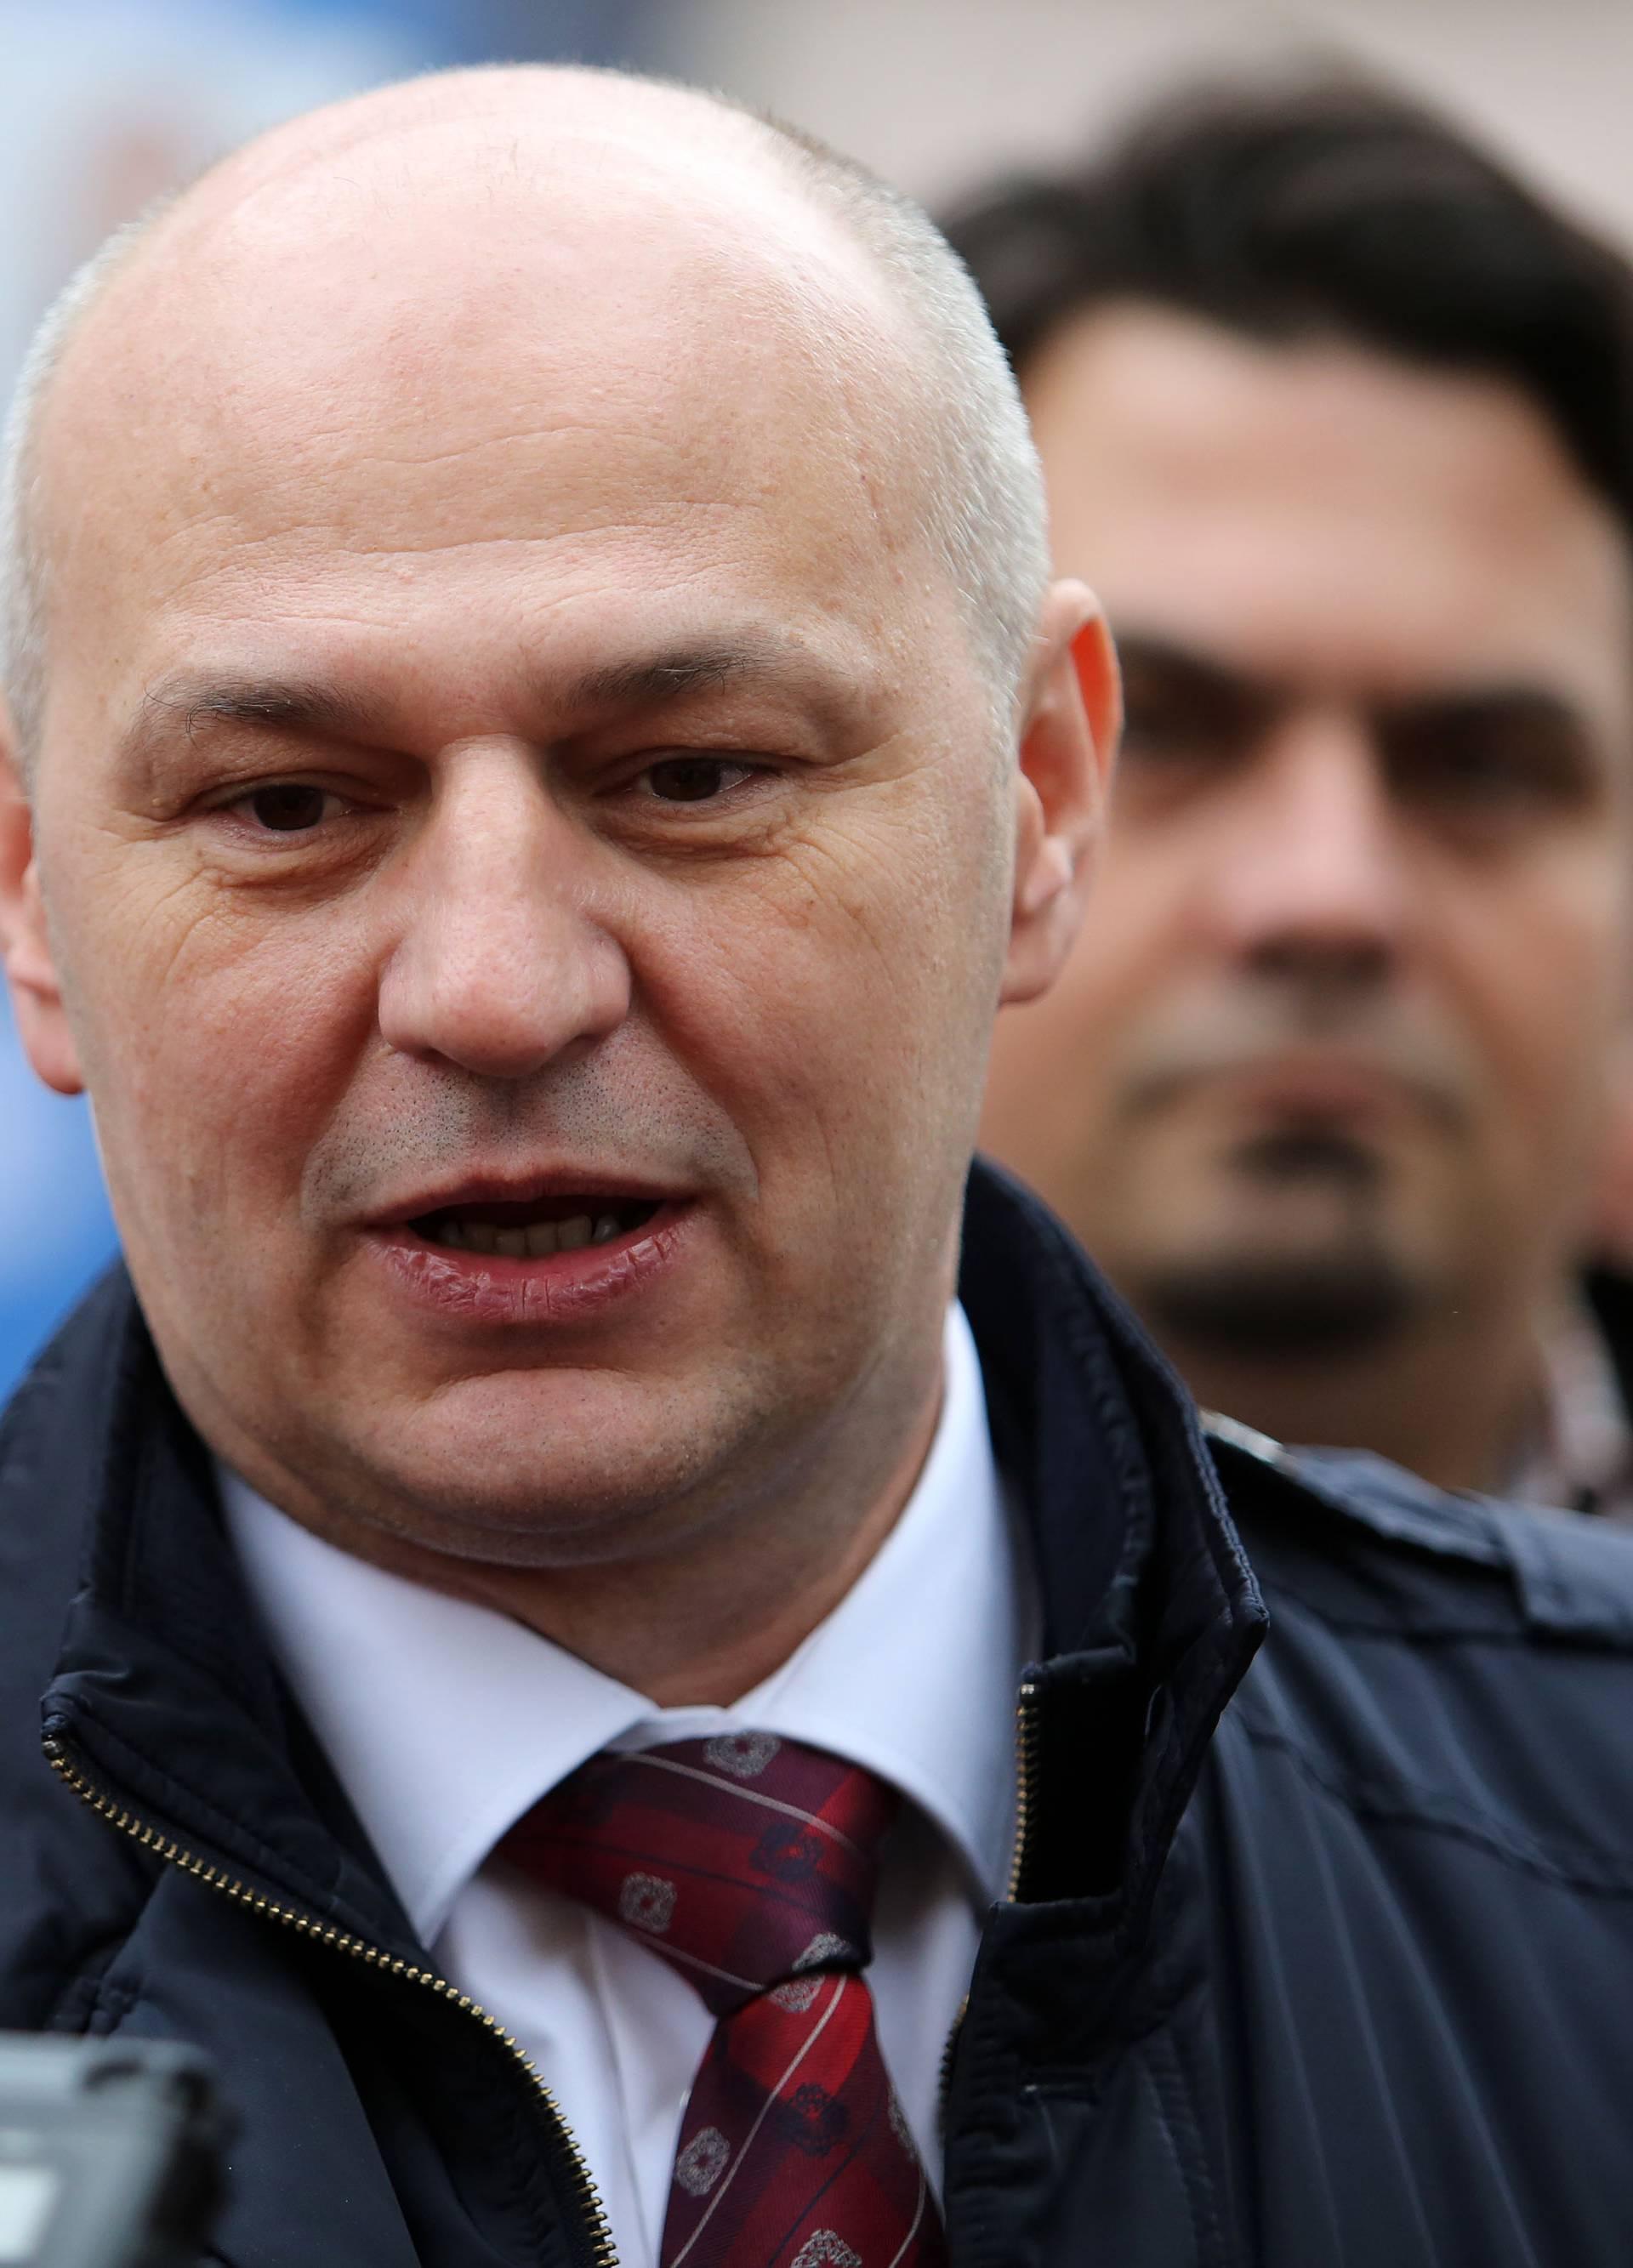 Predsjednički kandidat Mislav Kolakušić posjetio je građane Rijeke